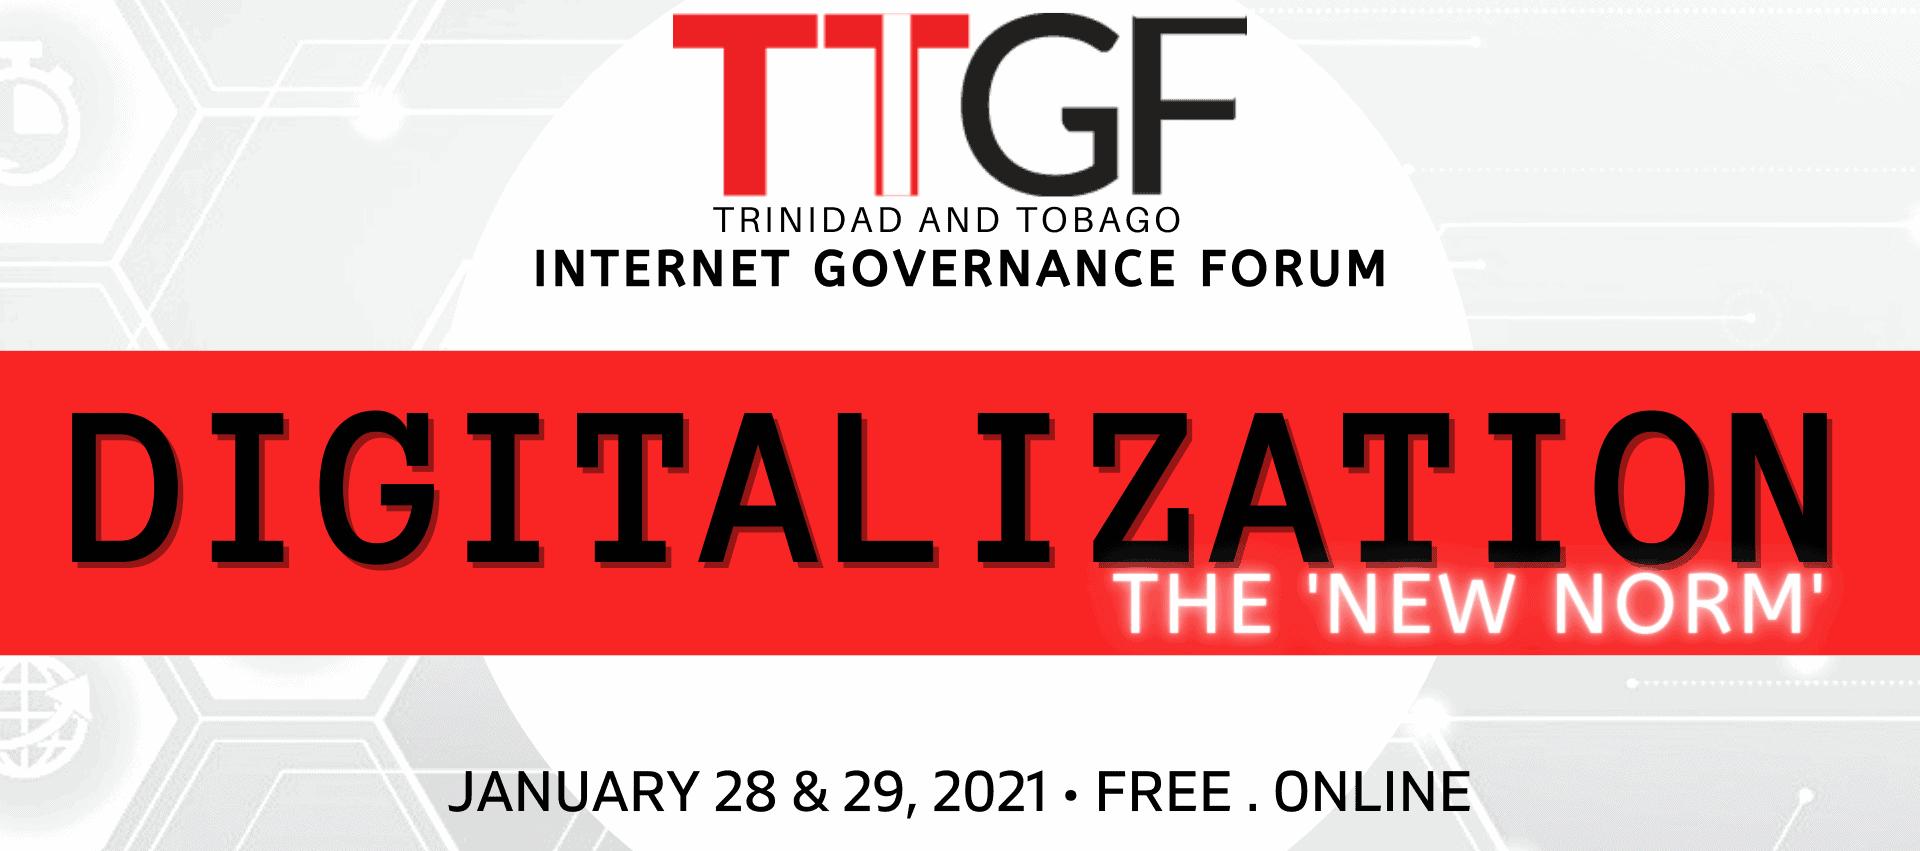 Trinidad and Tobago Internet Governace Forum 2021